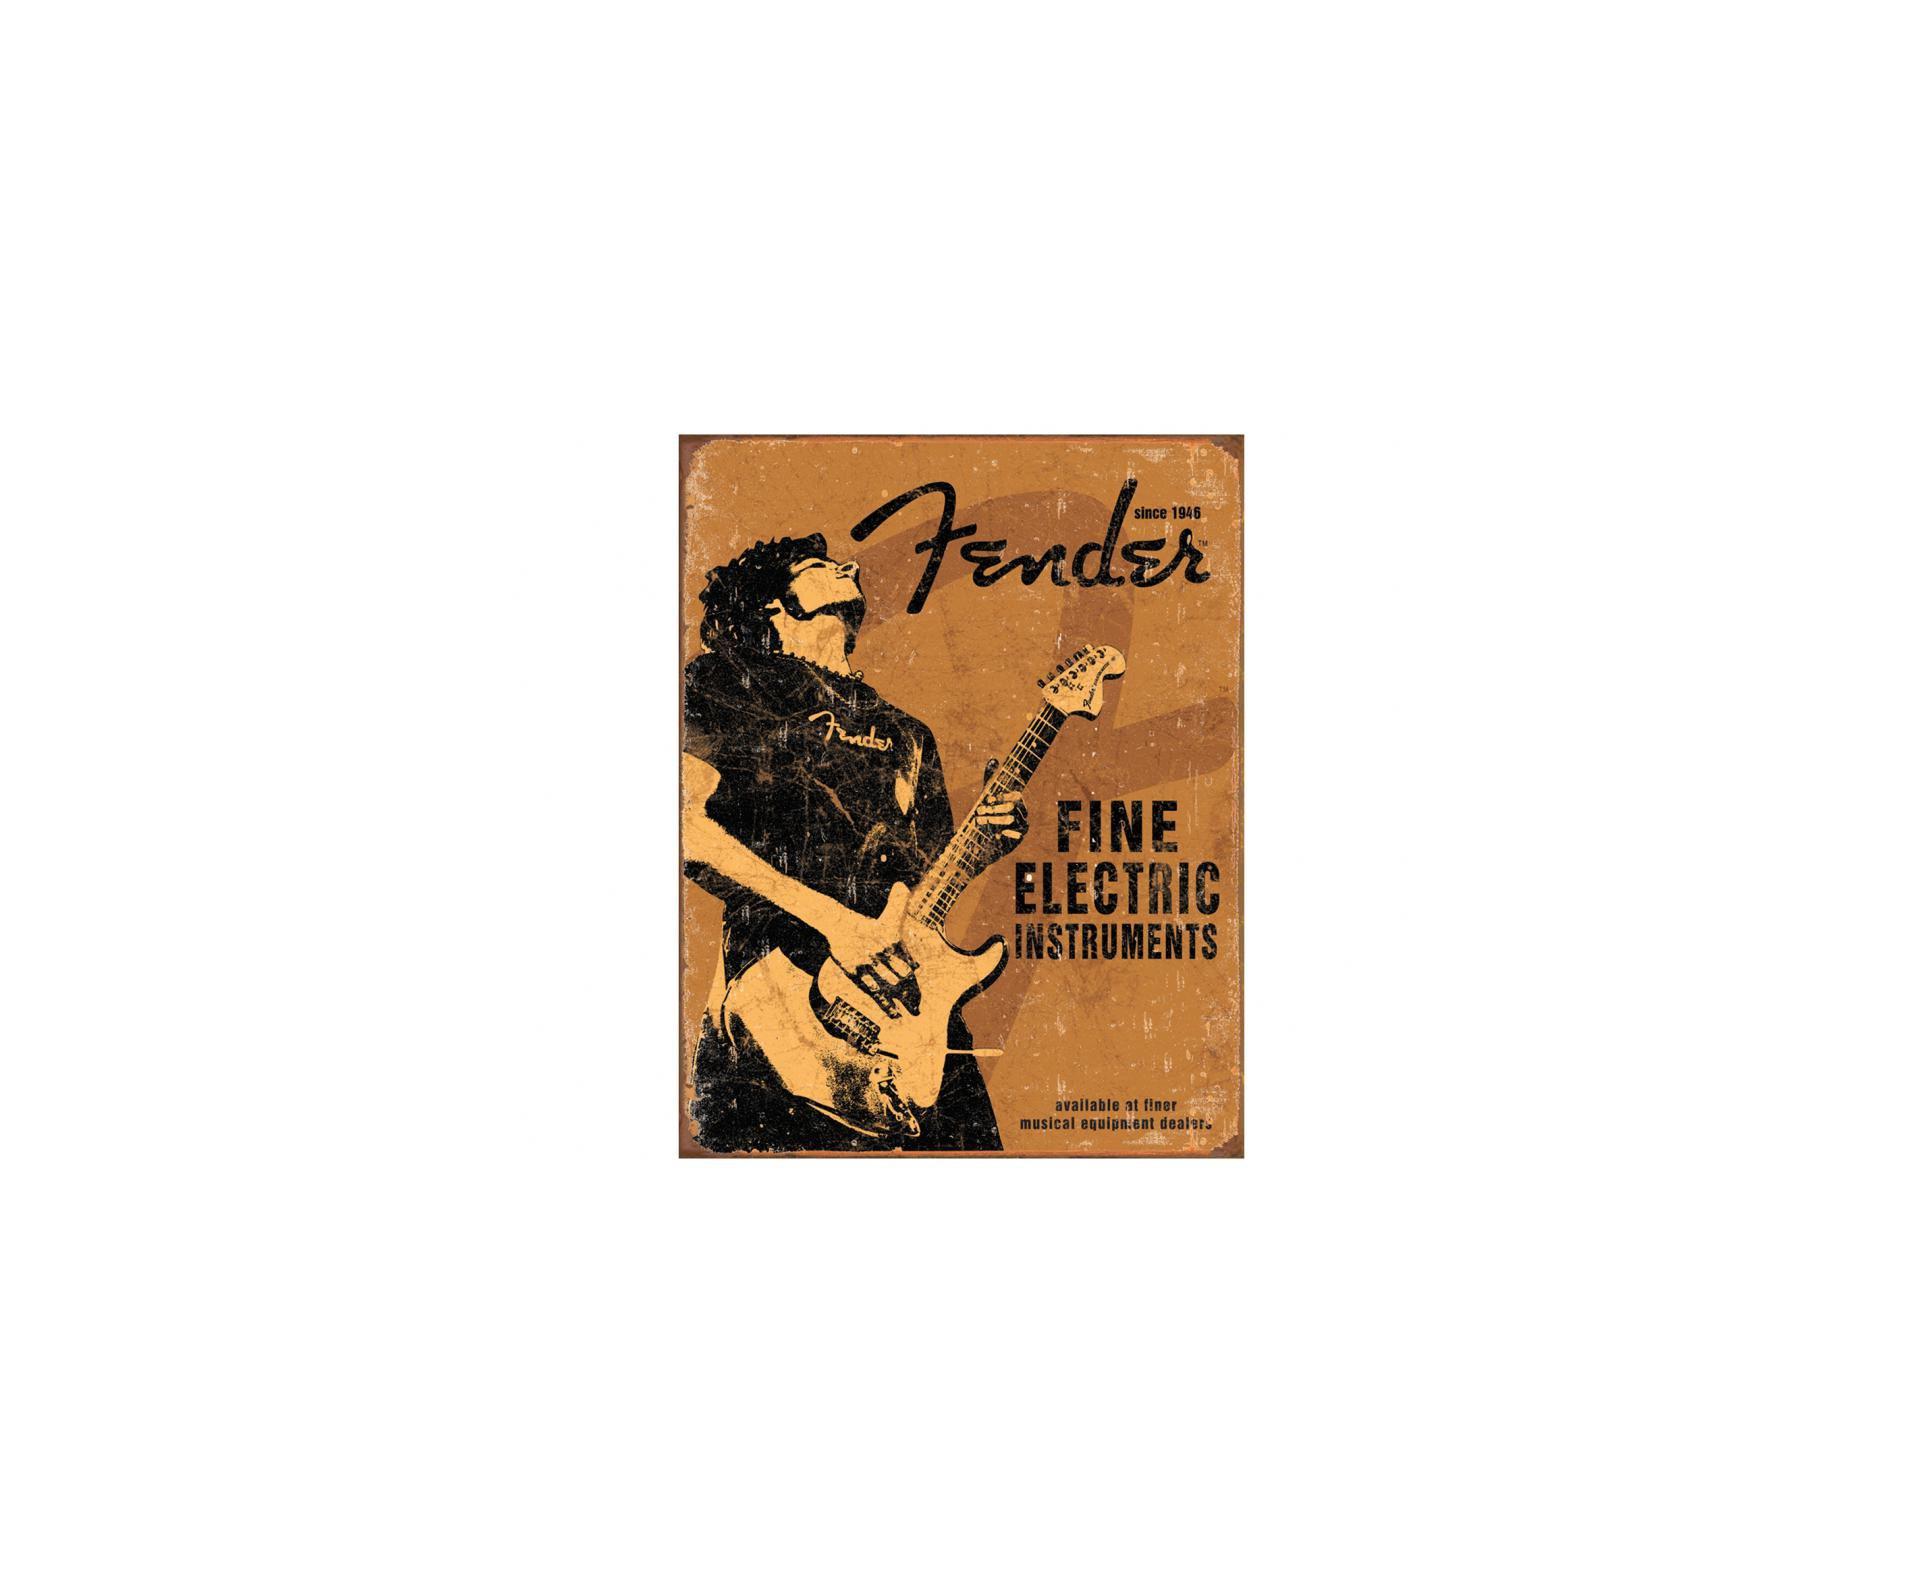 Placa Metálica Decorativa Fender Fine - Rossi